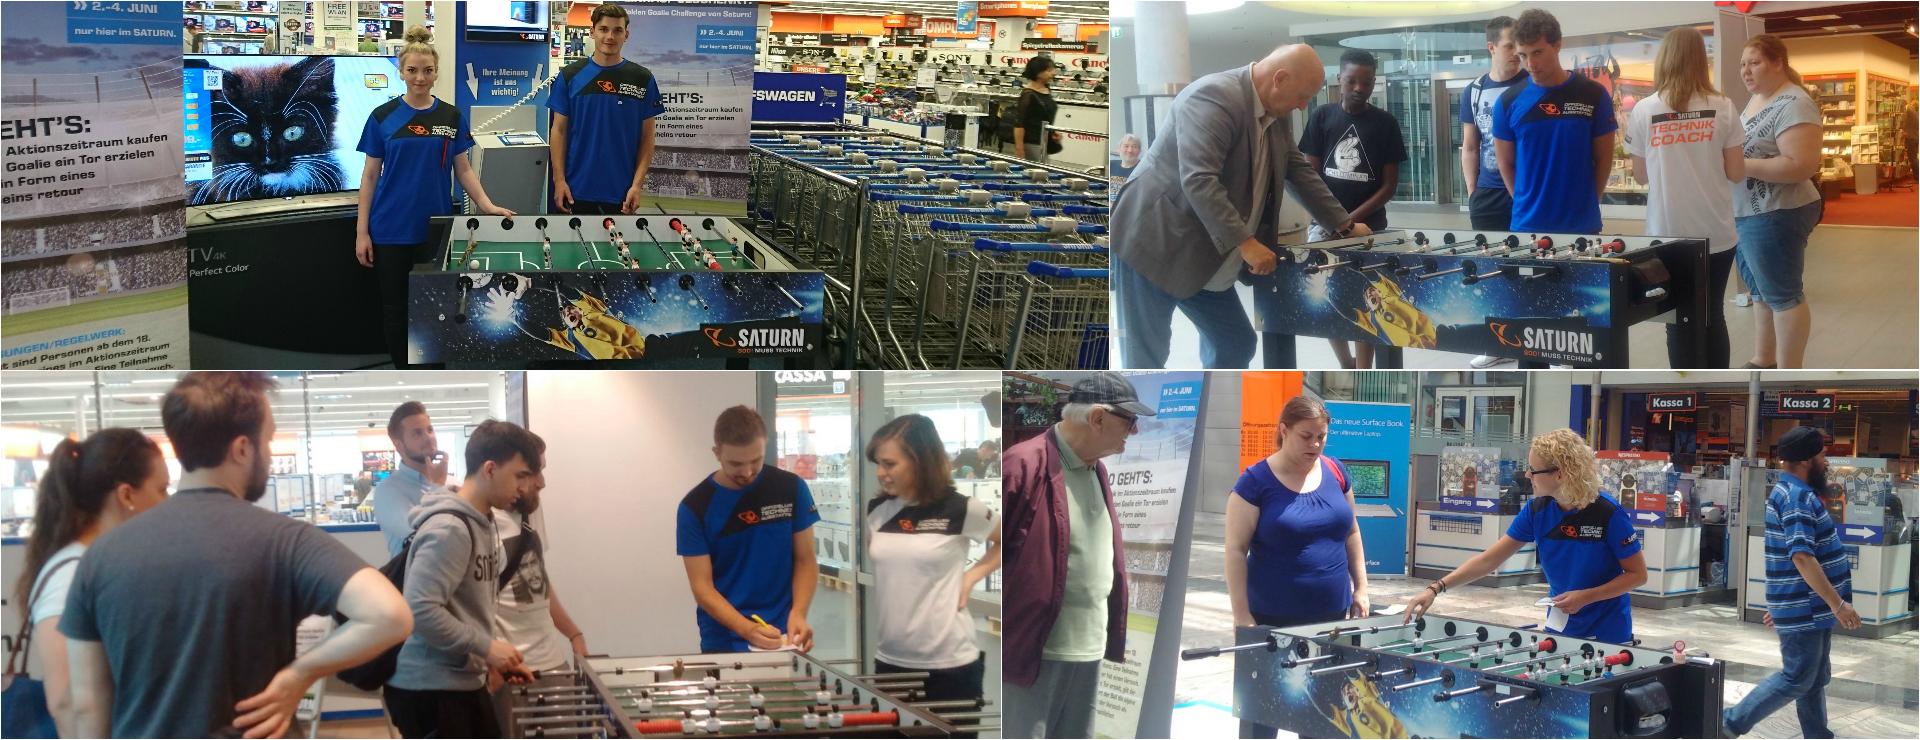 Sportmarketing-Agentur W-com organisiert für Saturn landesweite Instore Promotion